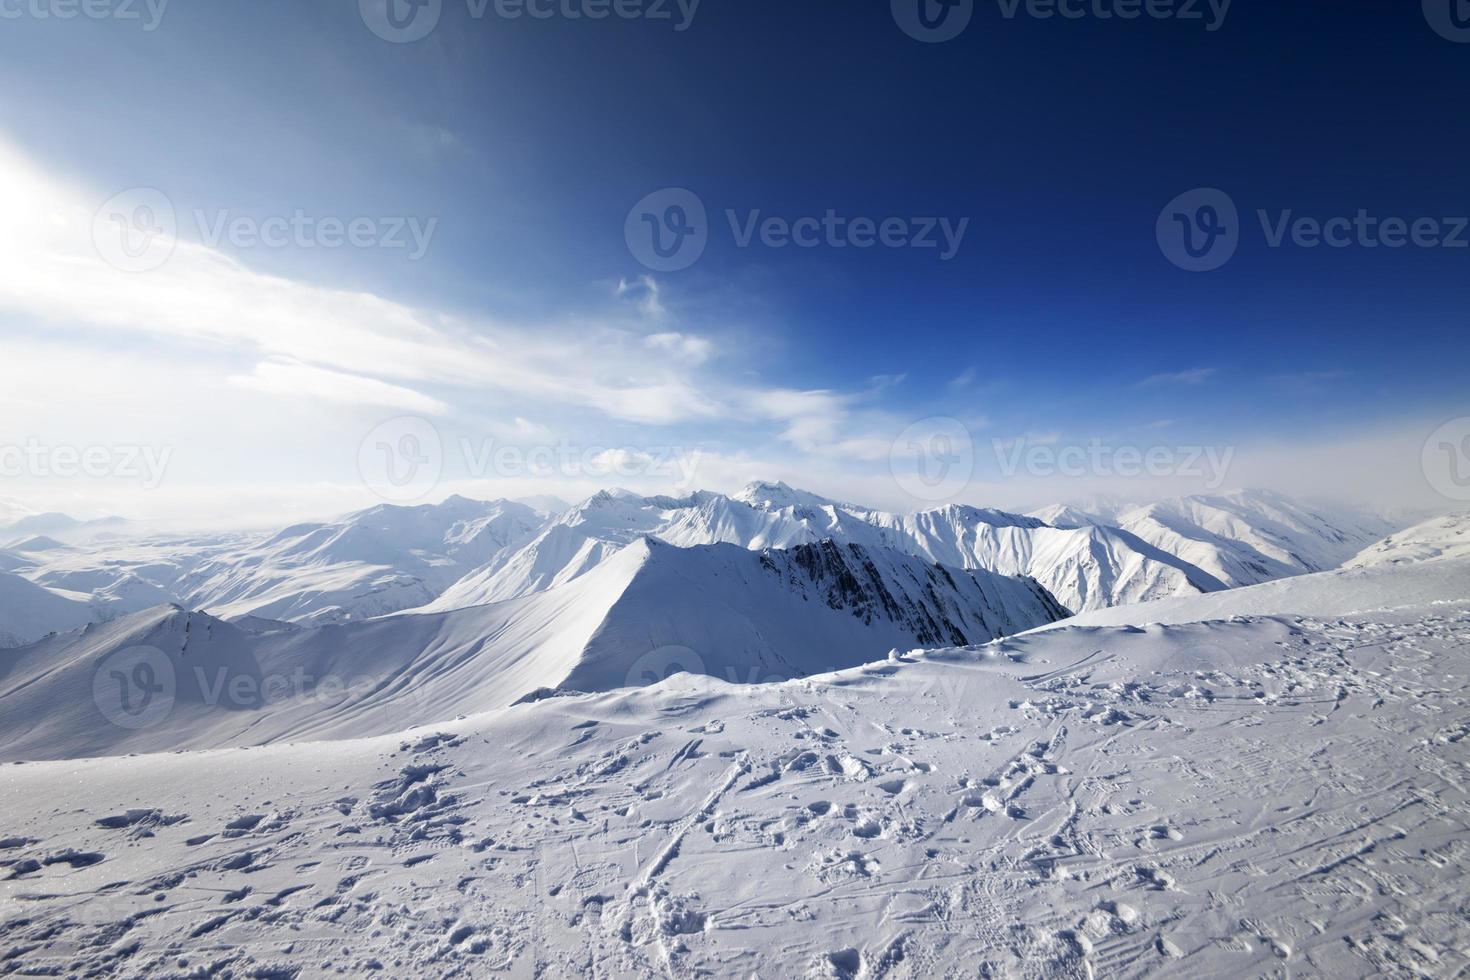 montanhas nevadas em bom dia foto